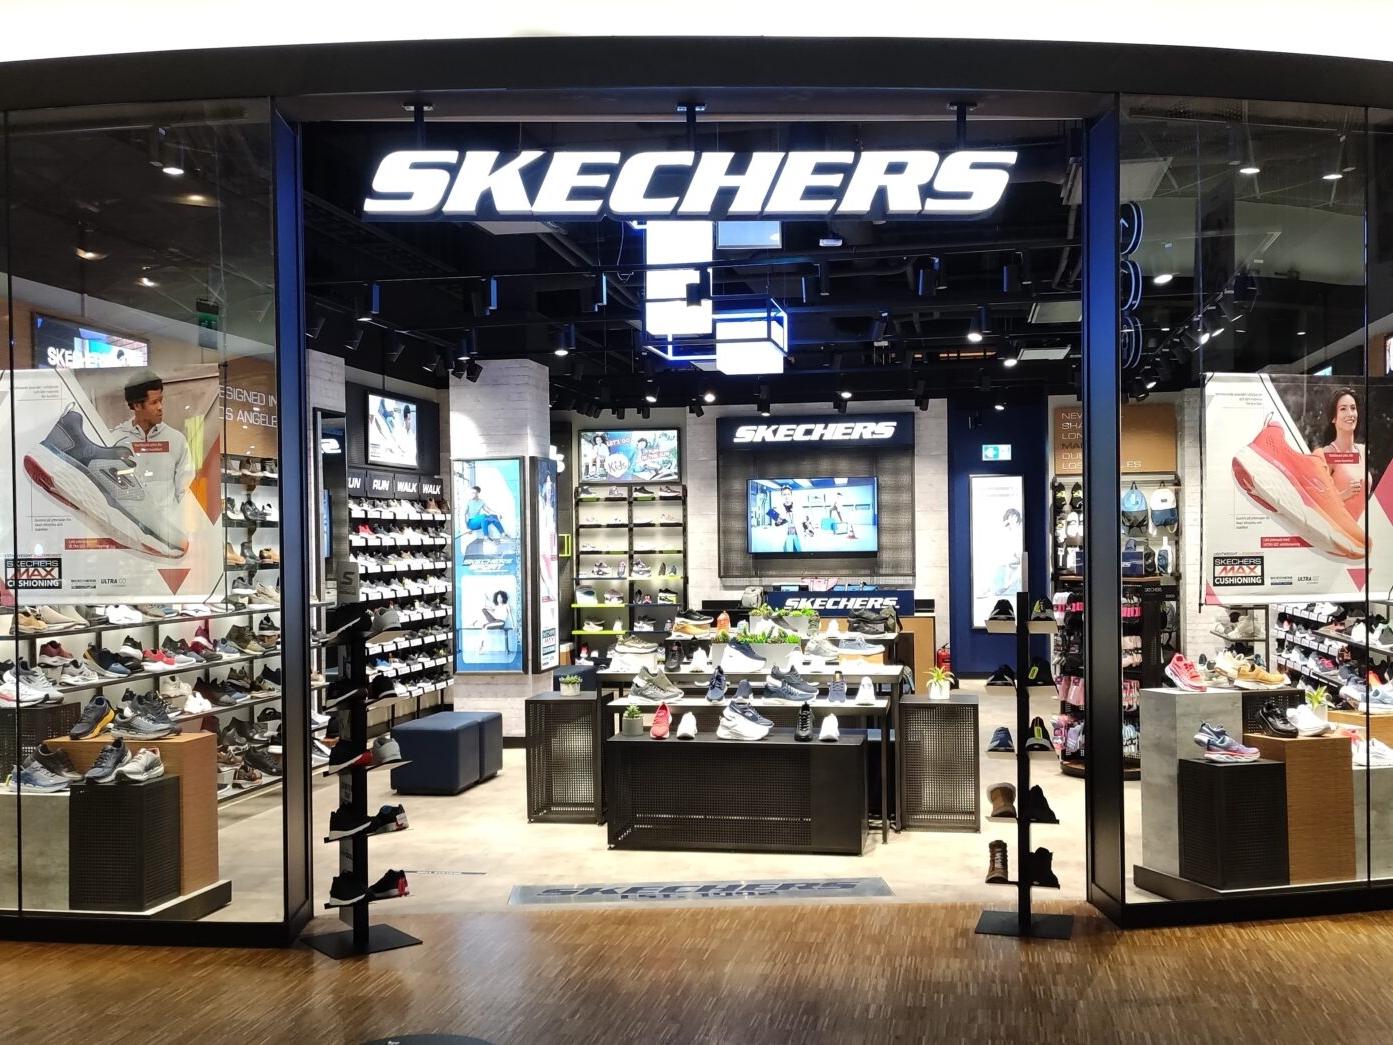 Skechers lancerer bæredygtig sko